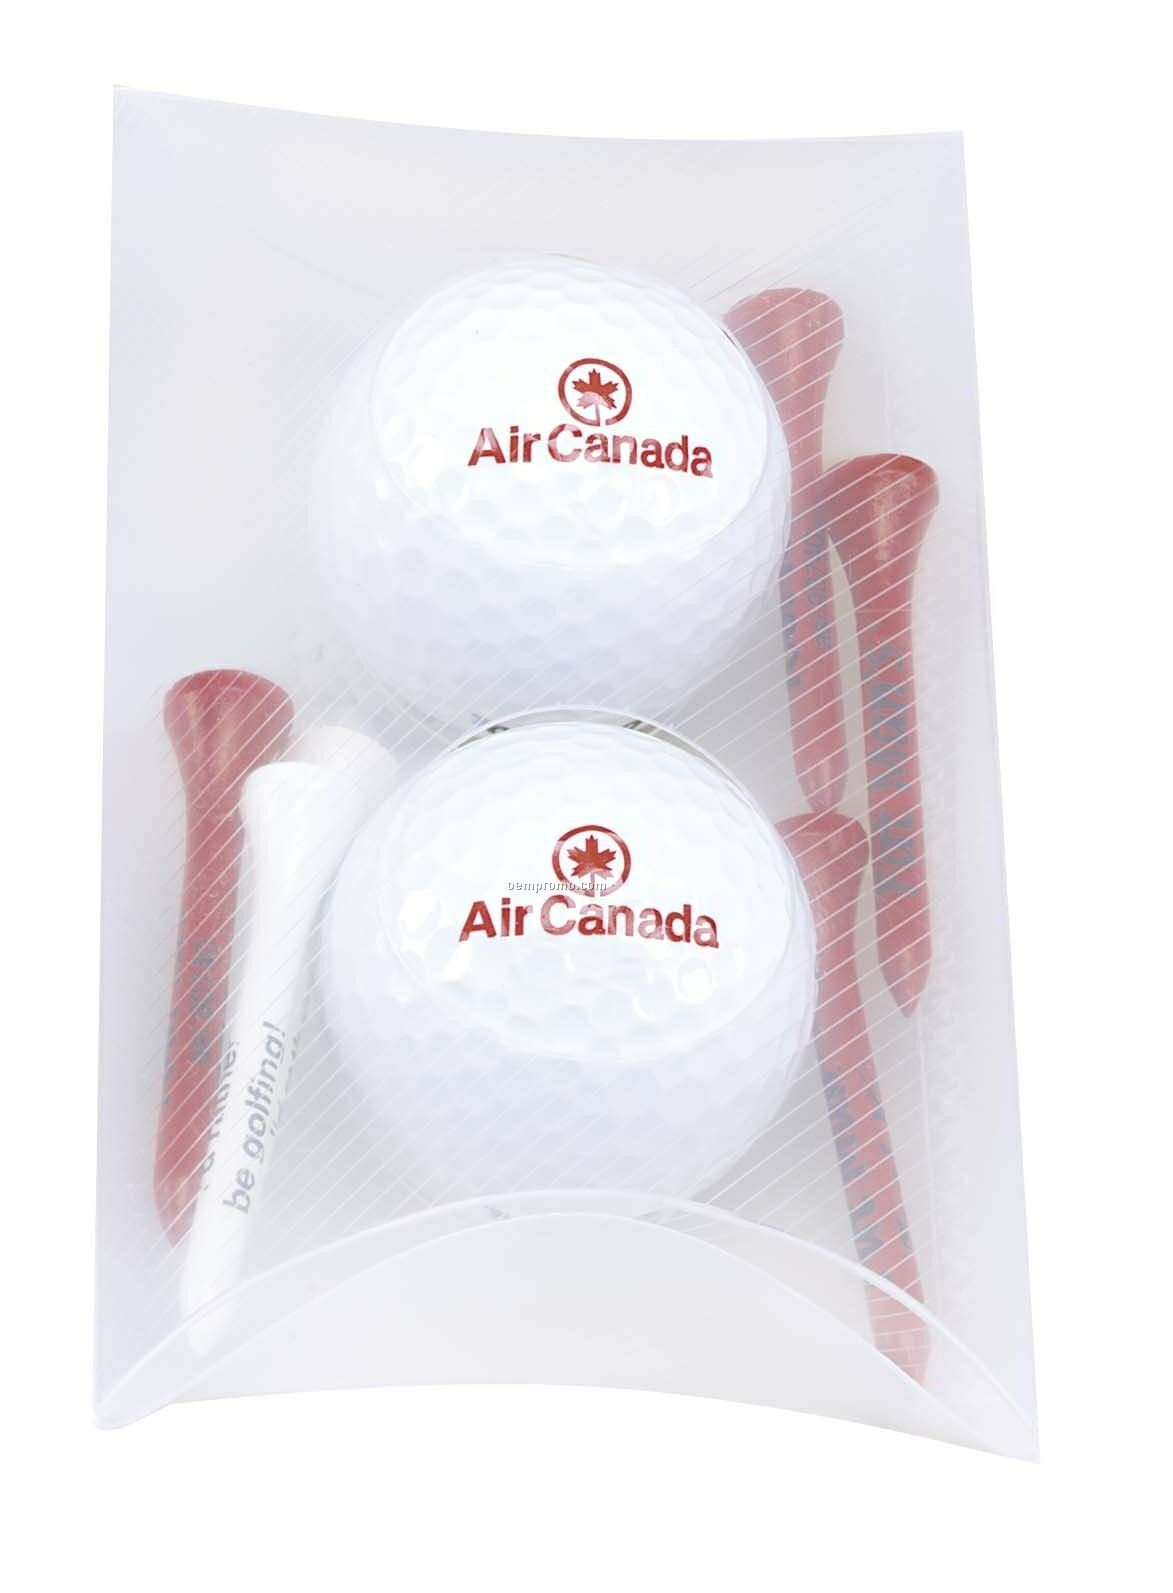 Tee Off 2 Ball Pillow Pack W/ Titleist Dt Solo Golf Balls & 6 Tees